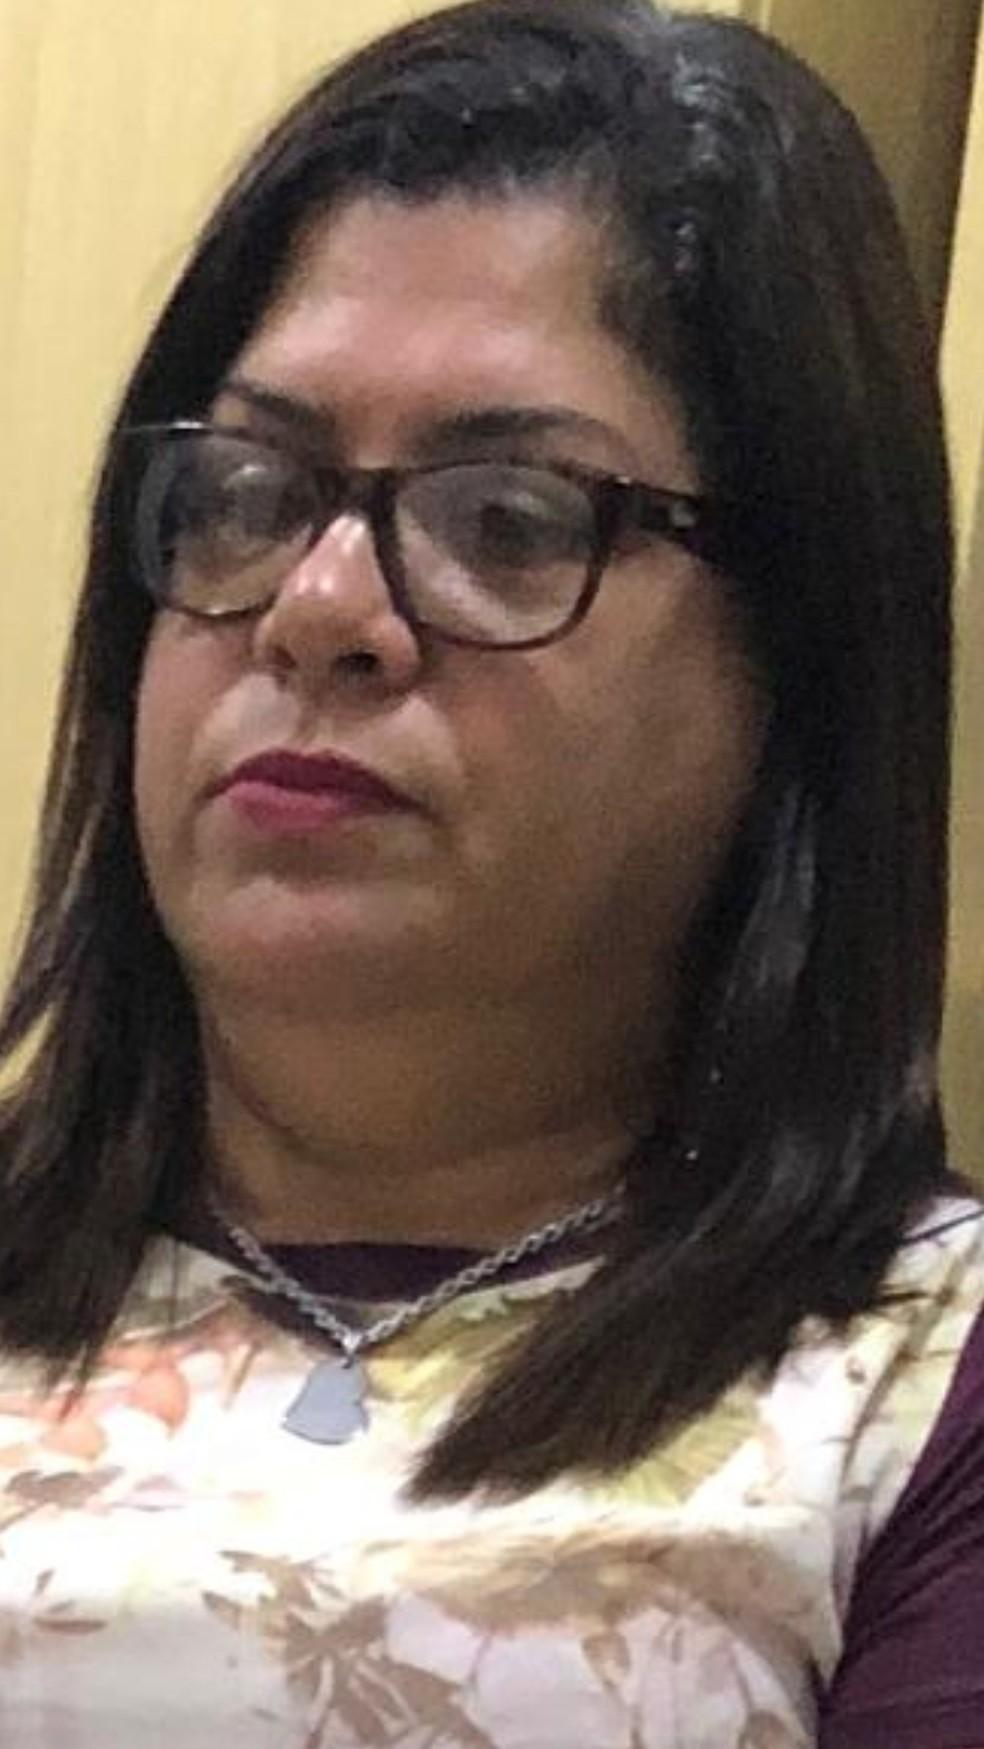 Sandra Helena é investigadora de polícia e foi presa no bairro Jardim América, em São Luís. — Foto: Divulgação/Polícia Civil